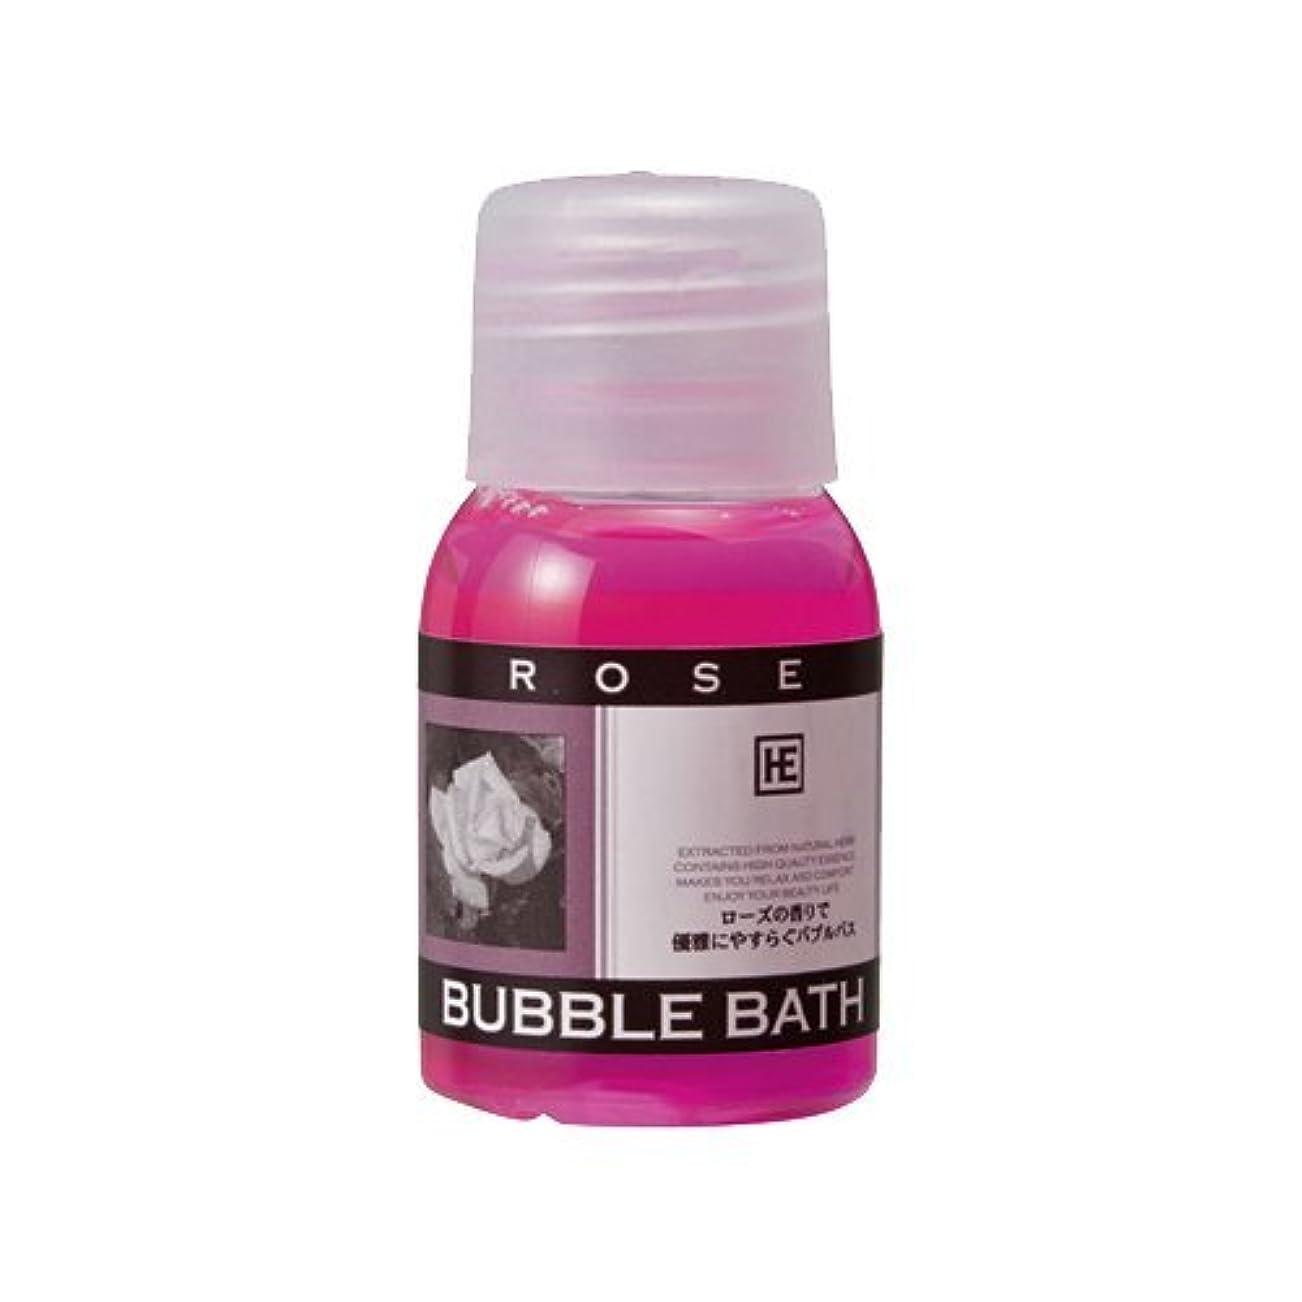 セクタデンマーク語キッチンハーバルエクストラ バブルバス ミニボトル ローズの香り - ホテルアメニティ 業務用 発泡入浴剤 (BUBBLE BATH)